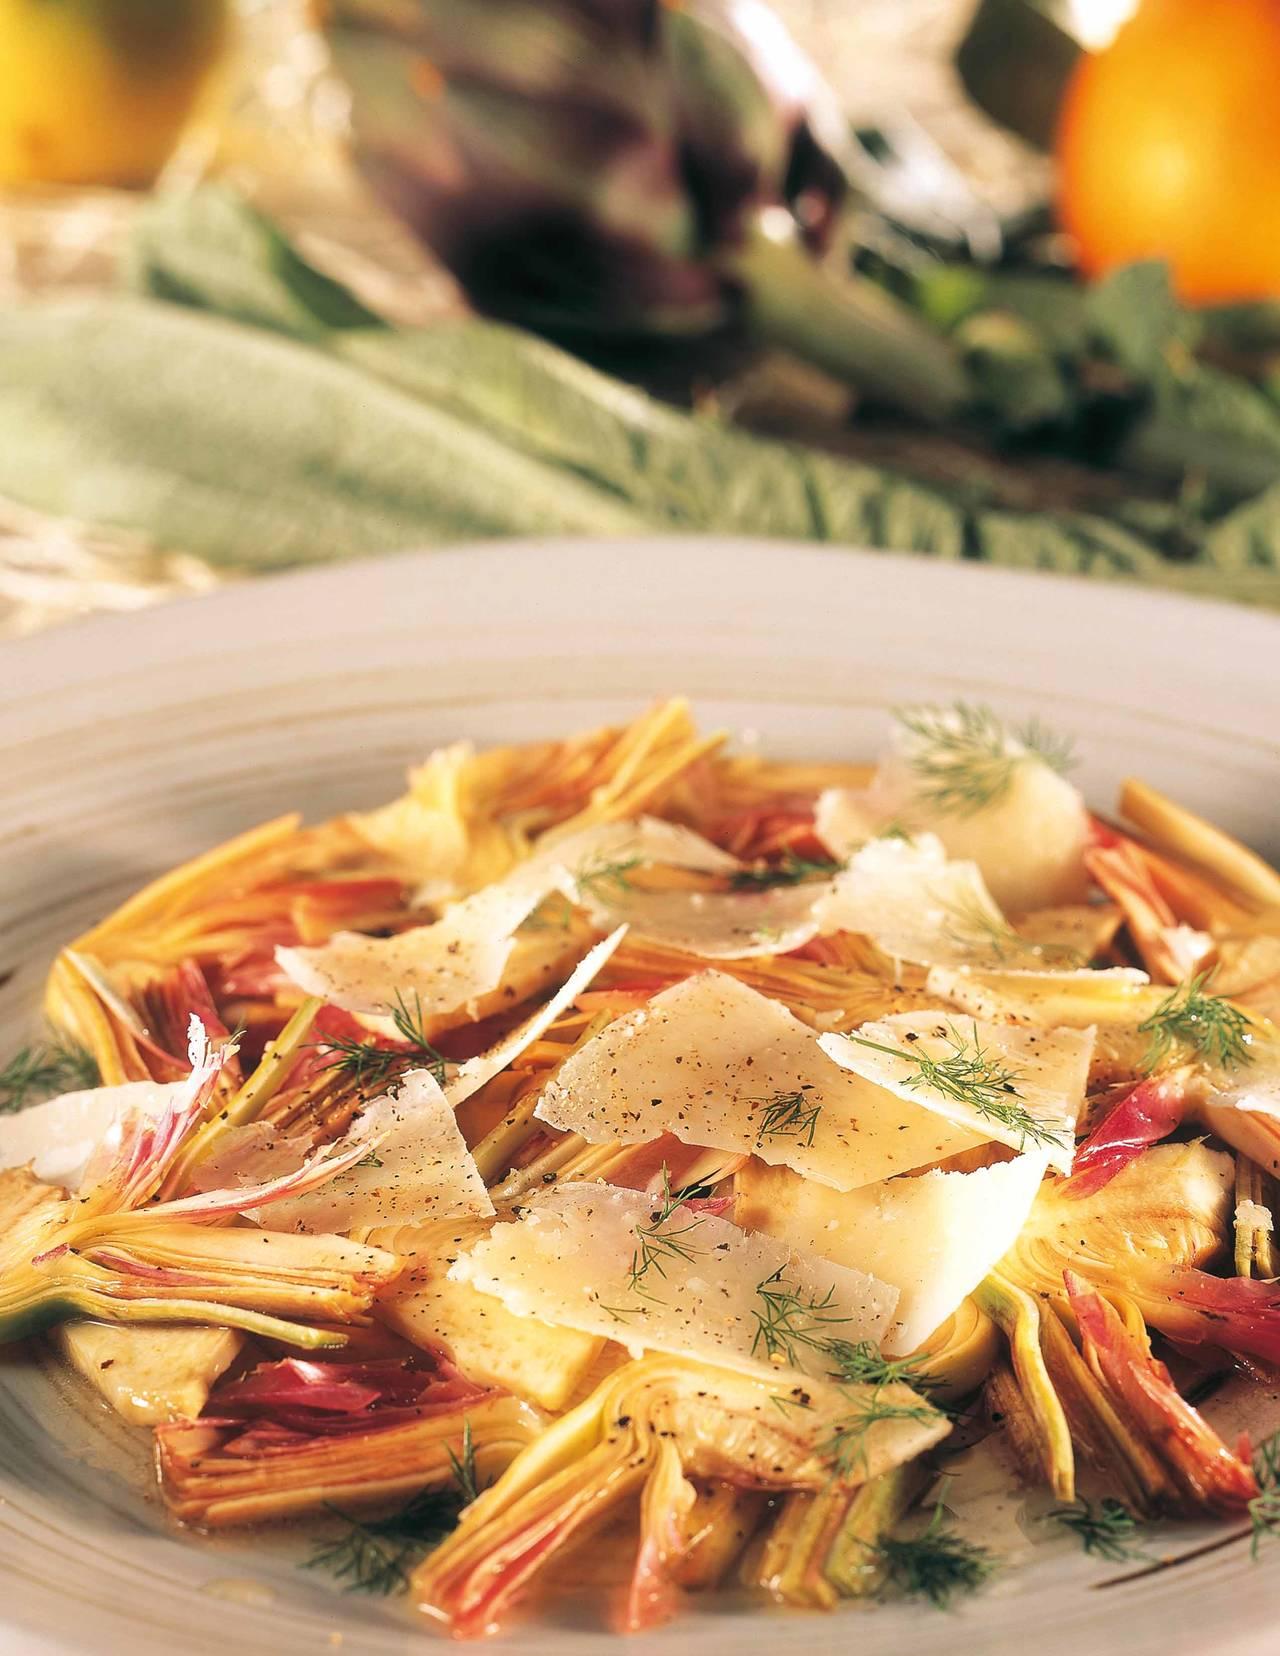 Di Carciofi Con Pecorino Stagionato Agli Agrumi Ricetta Di Paolo #C28509 1280 1656 Programma Per Creare Ricette Di Cucina